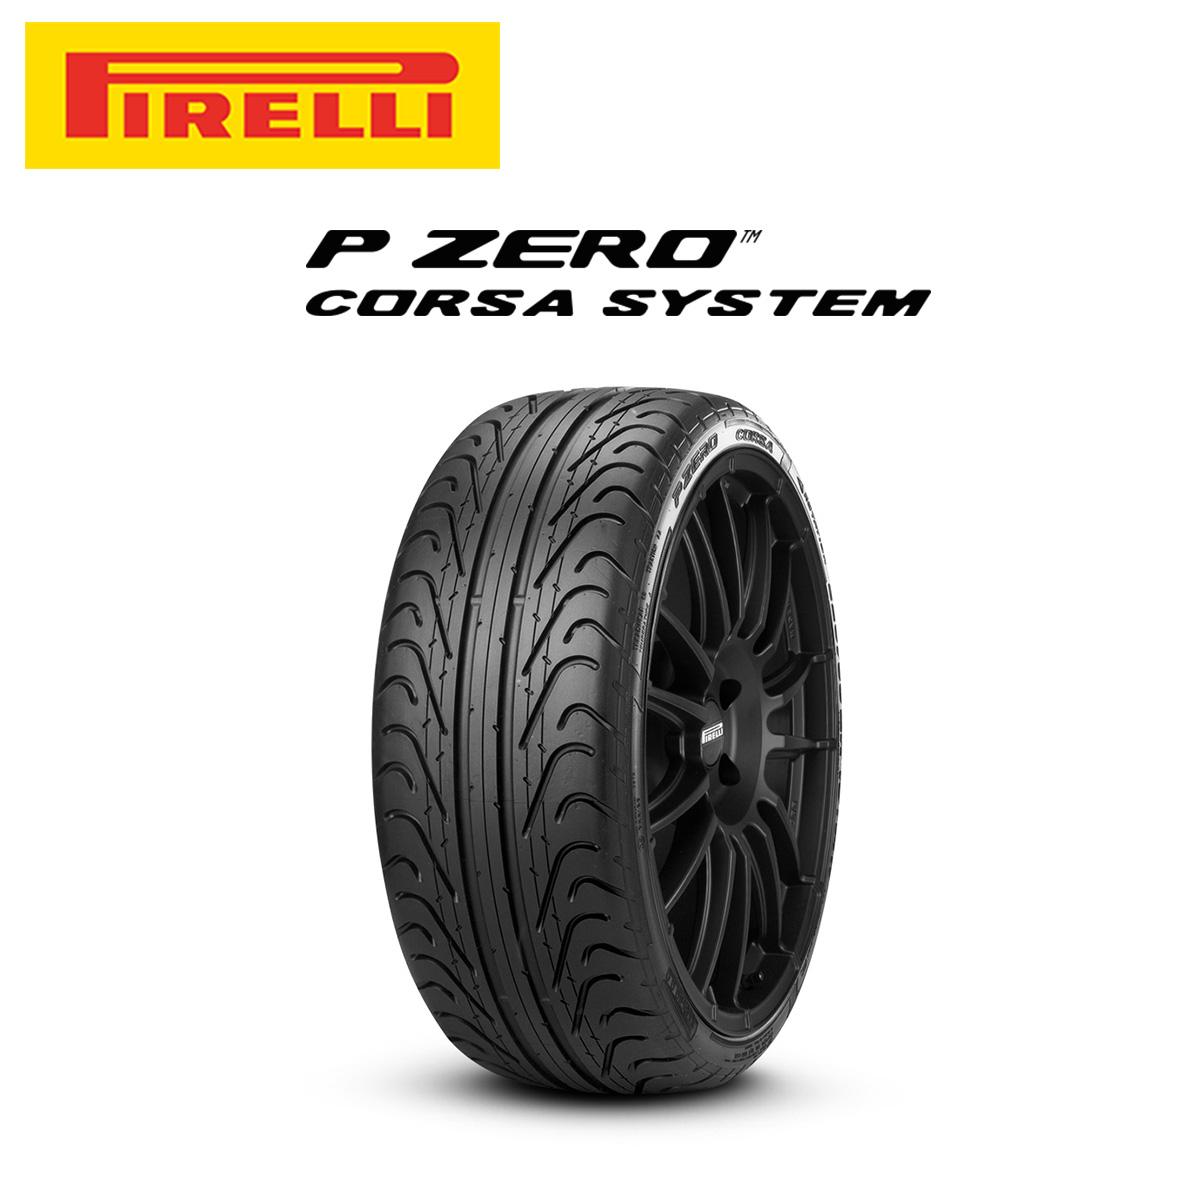 ピレリ PIRELLI P ZERO CORSA ピーゼロコルサ 21インチ サマー タイヤ 4本 セット 355/25ZR21 107Y XL HP:パガーニ承認タイヤ 2813600